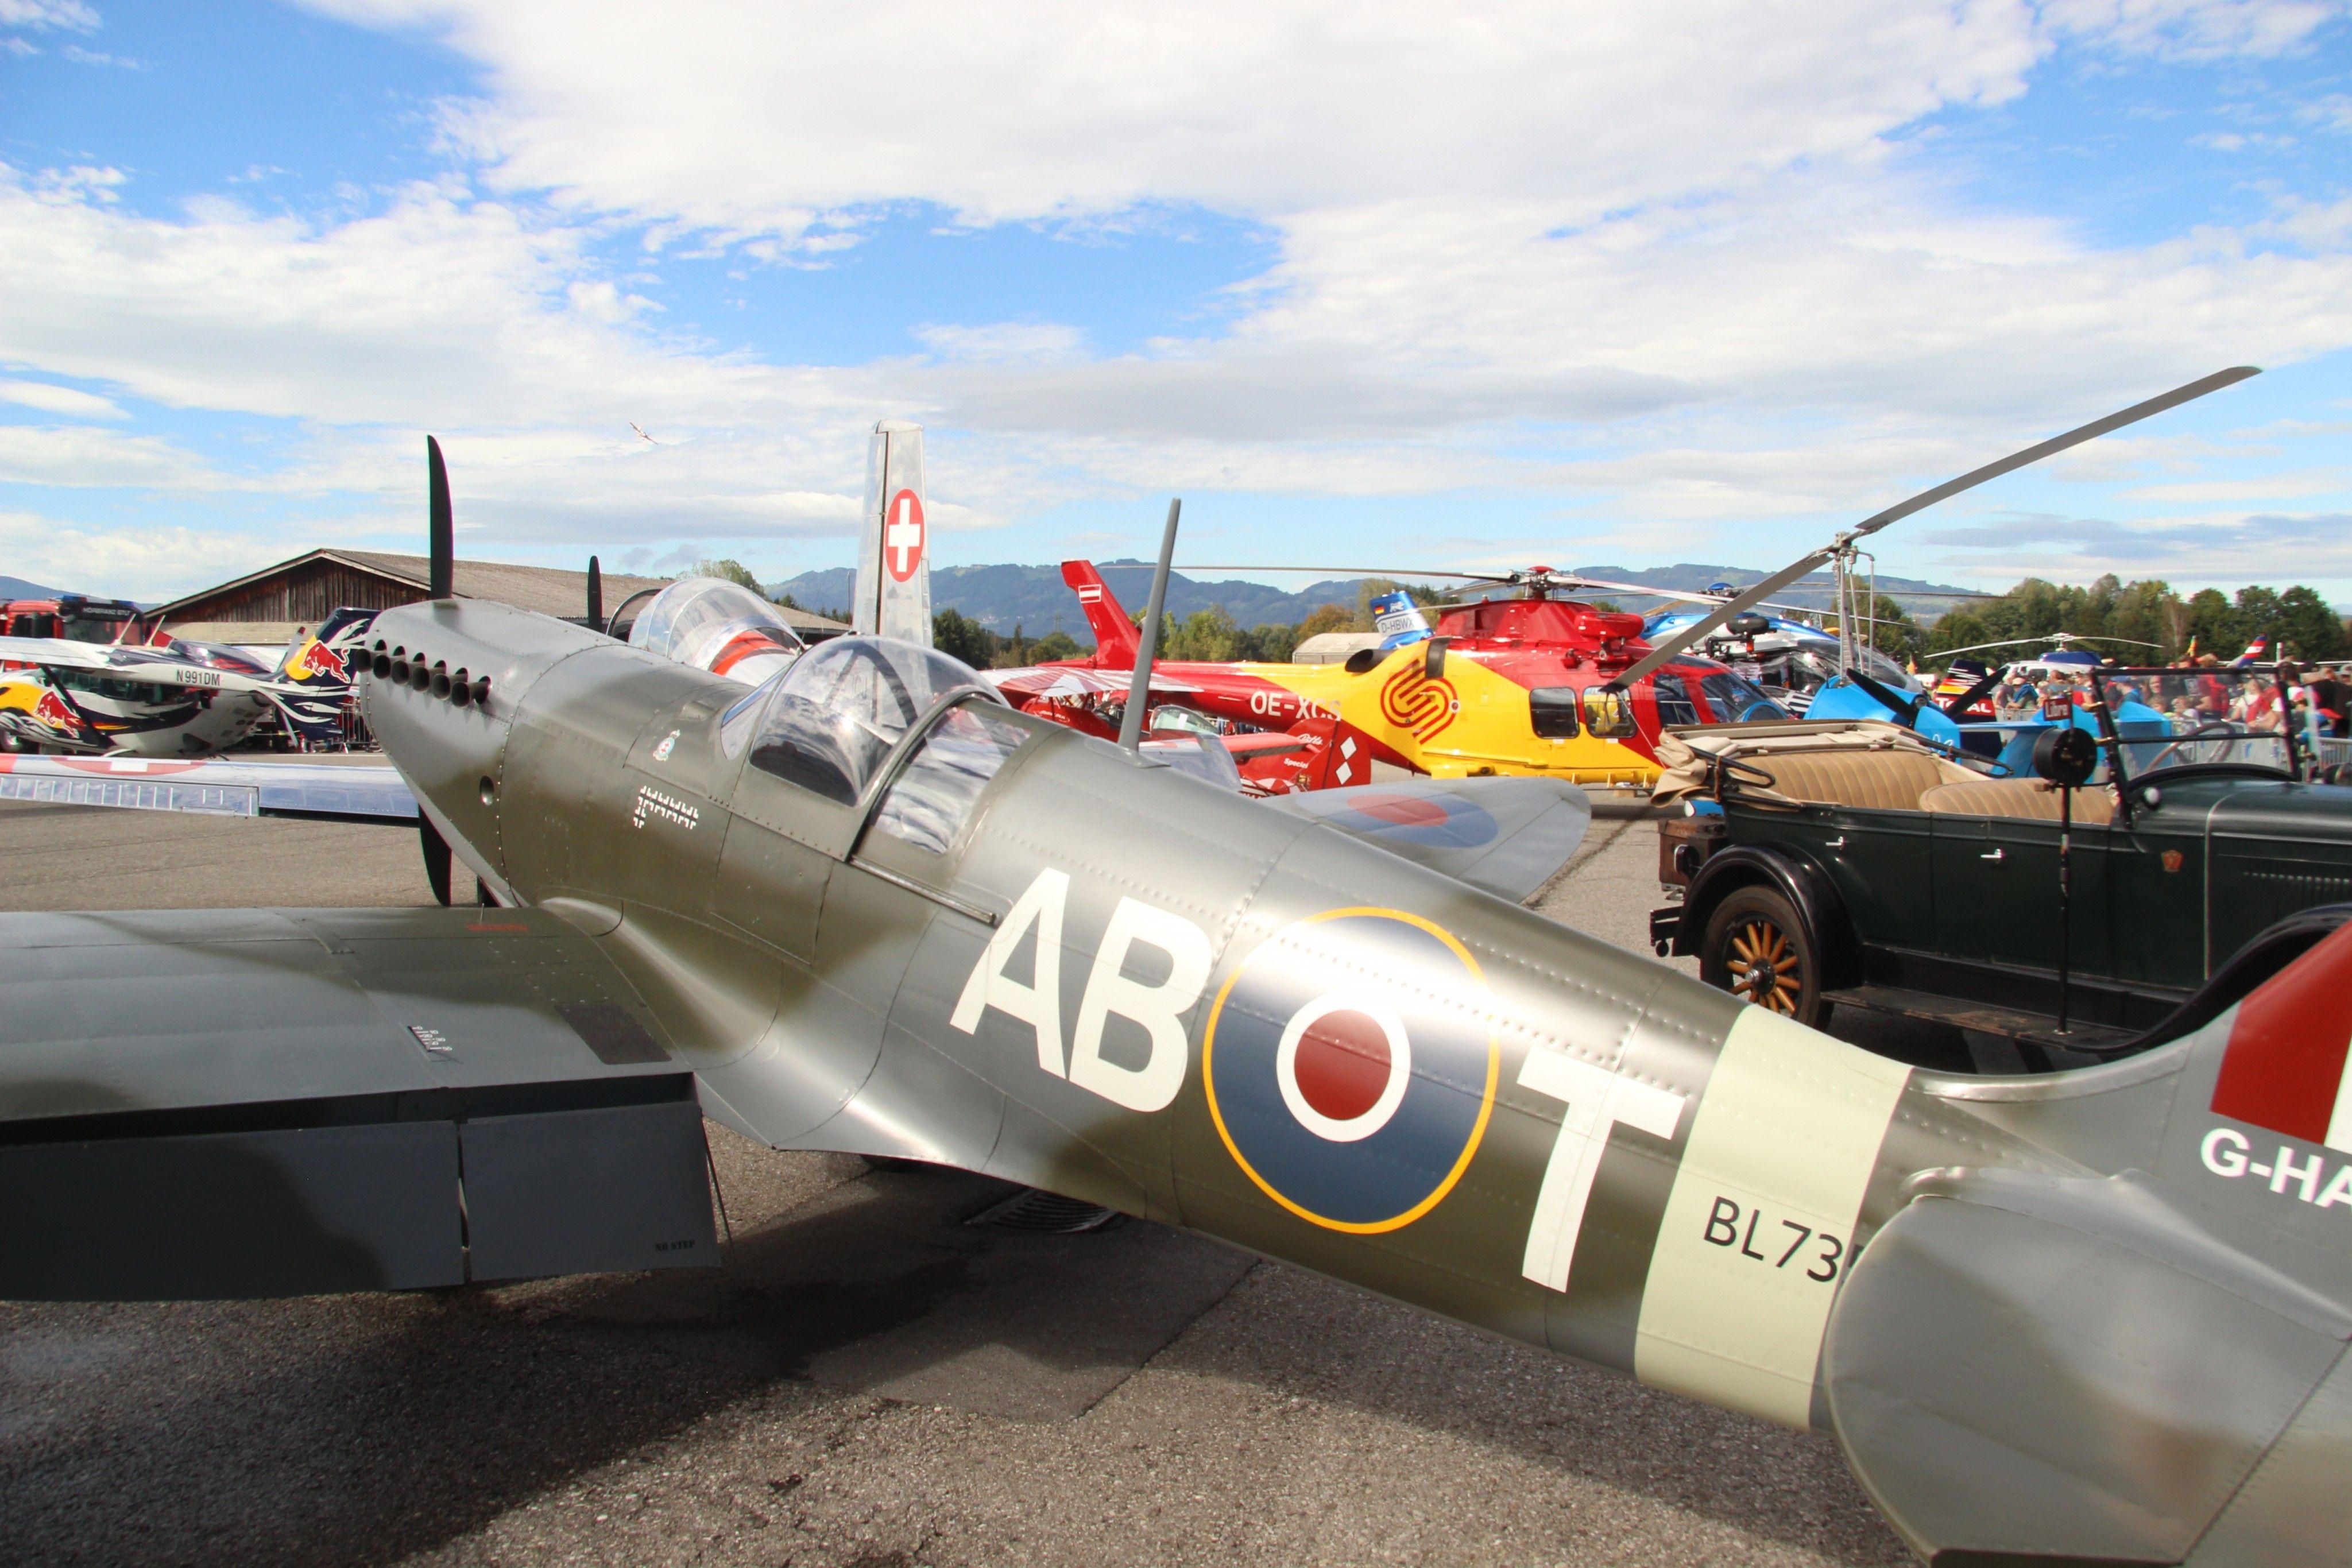 Vorarlberg: Atemberaubende Flugshows am Flugplatz Hohenems